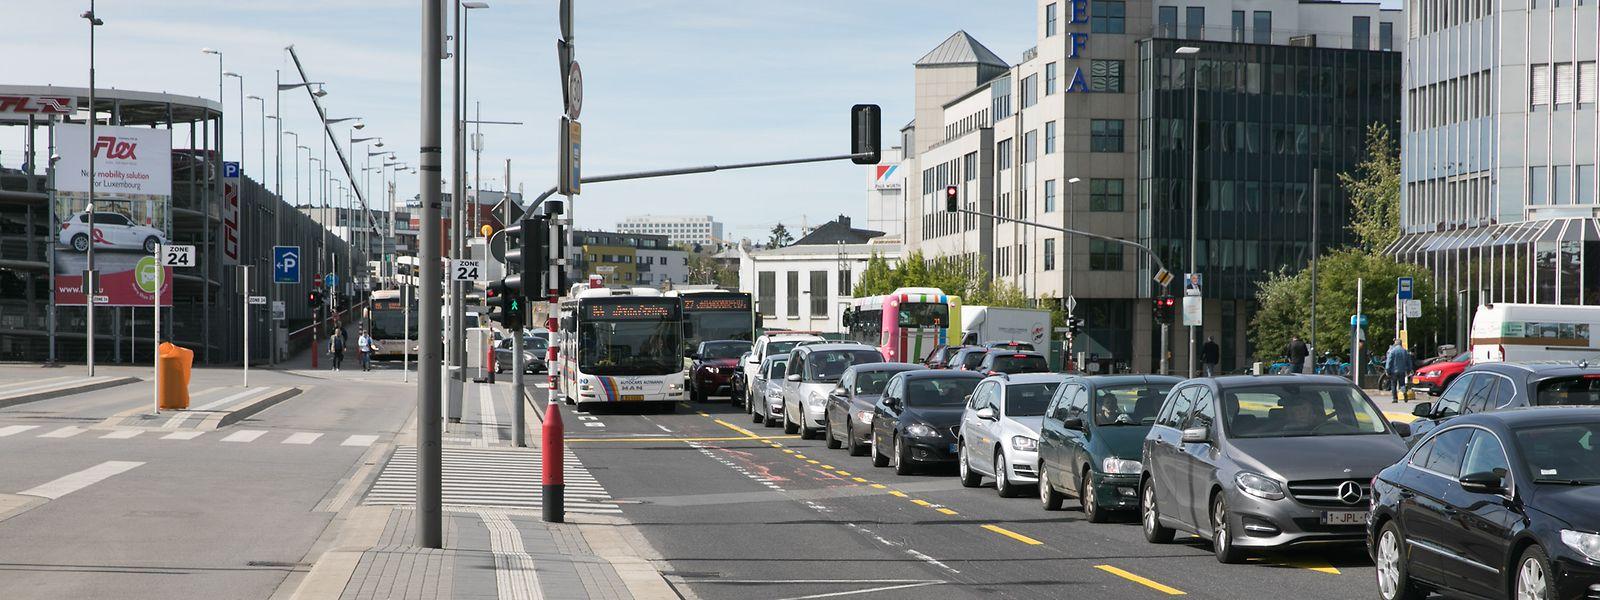 Am Montag und Dienstag sorgte die veränderte Verkehrsführung in der Avenue de la Gare für ein Verkehrschaos.